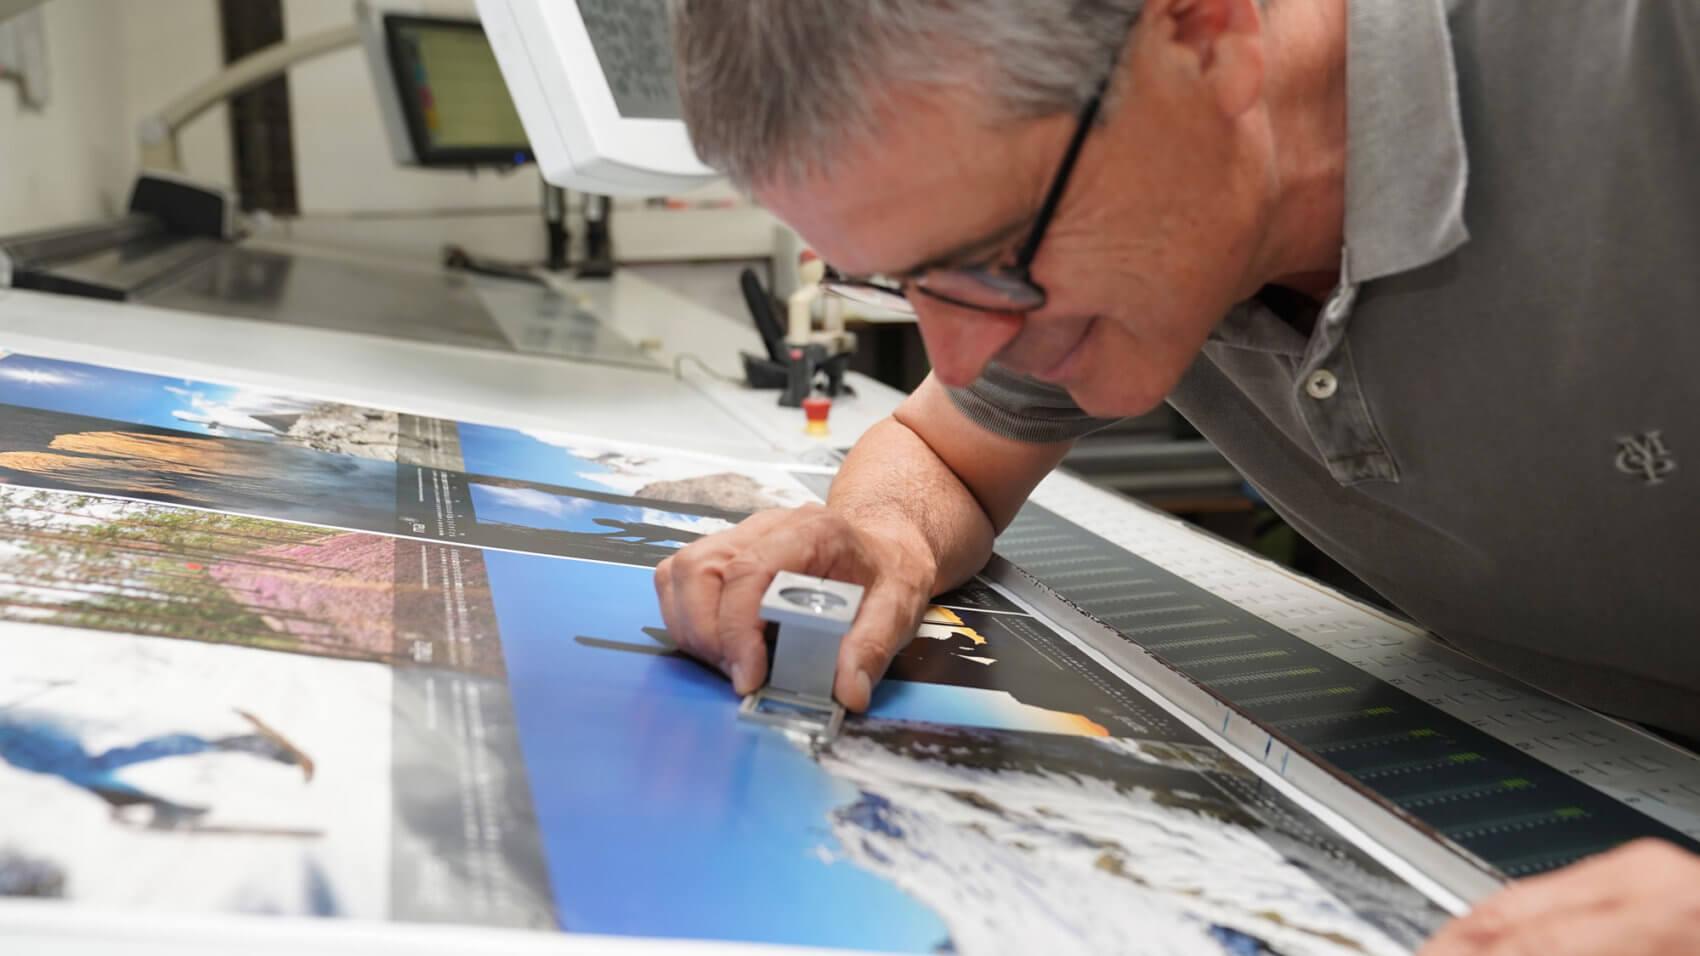 Maximale Qualität: Martin Fiegl stimmt die Farbe des Druckbogens ab.